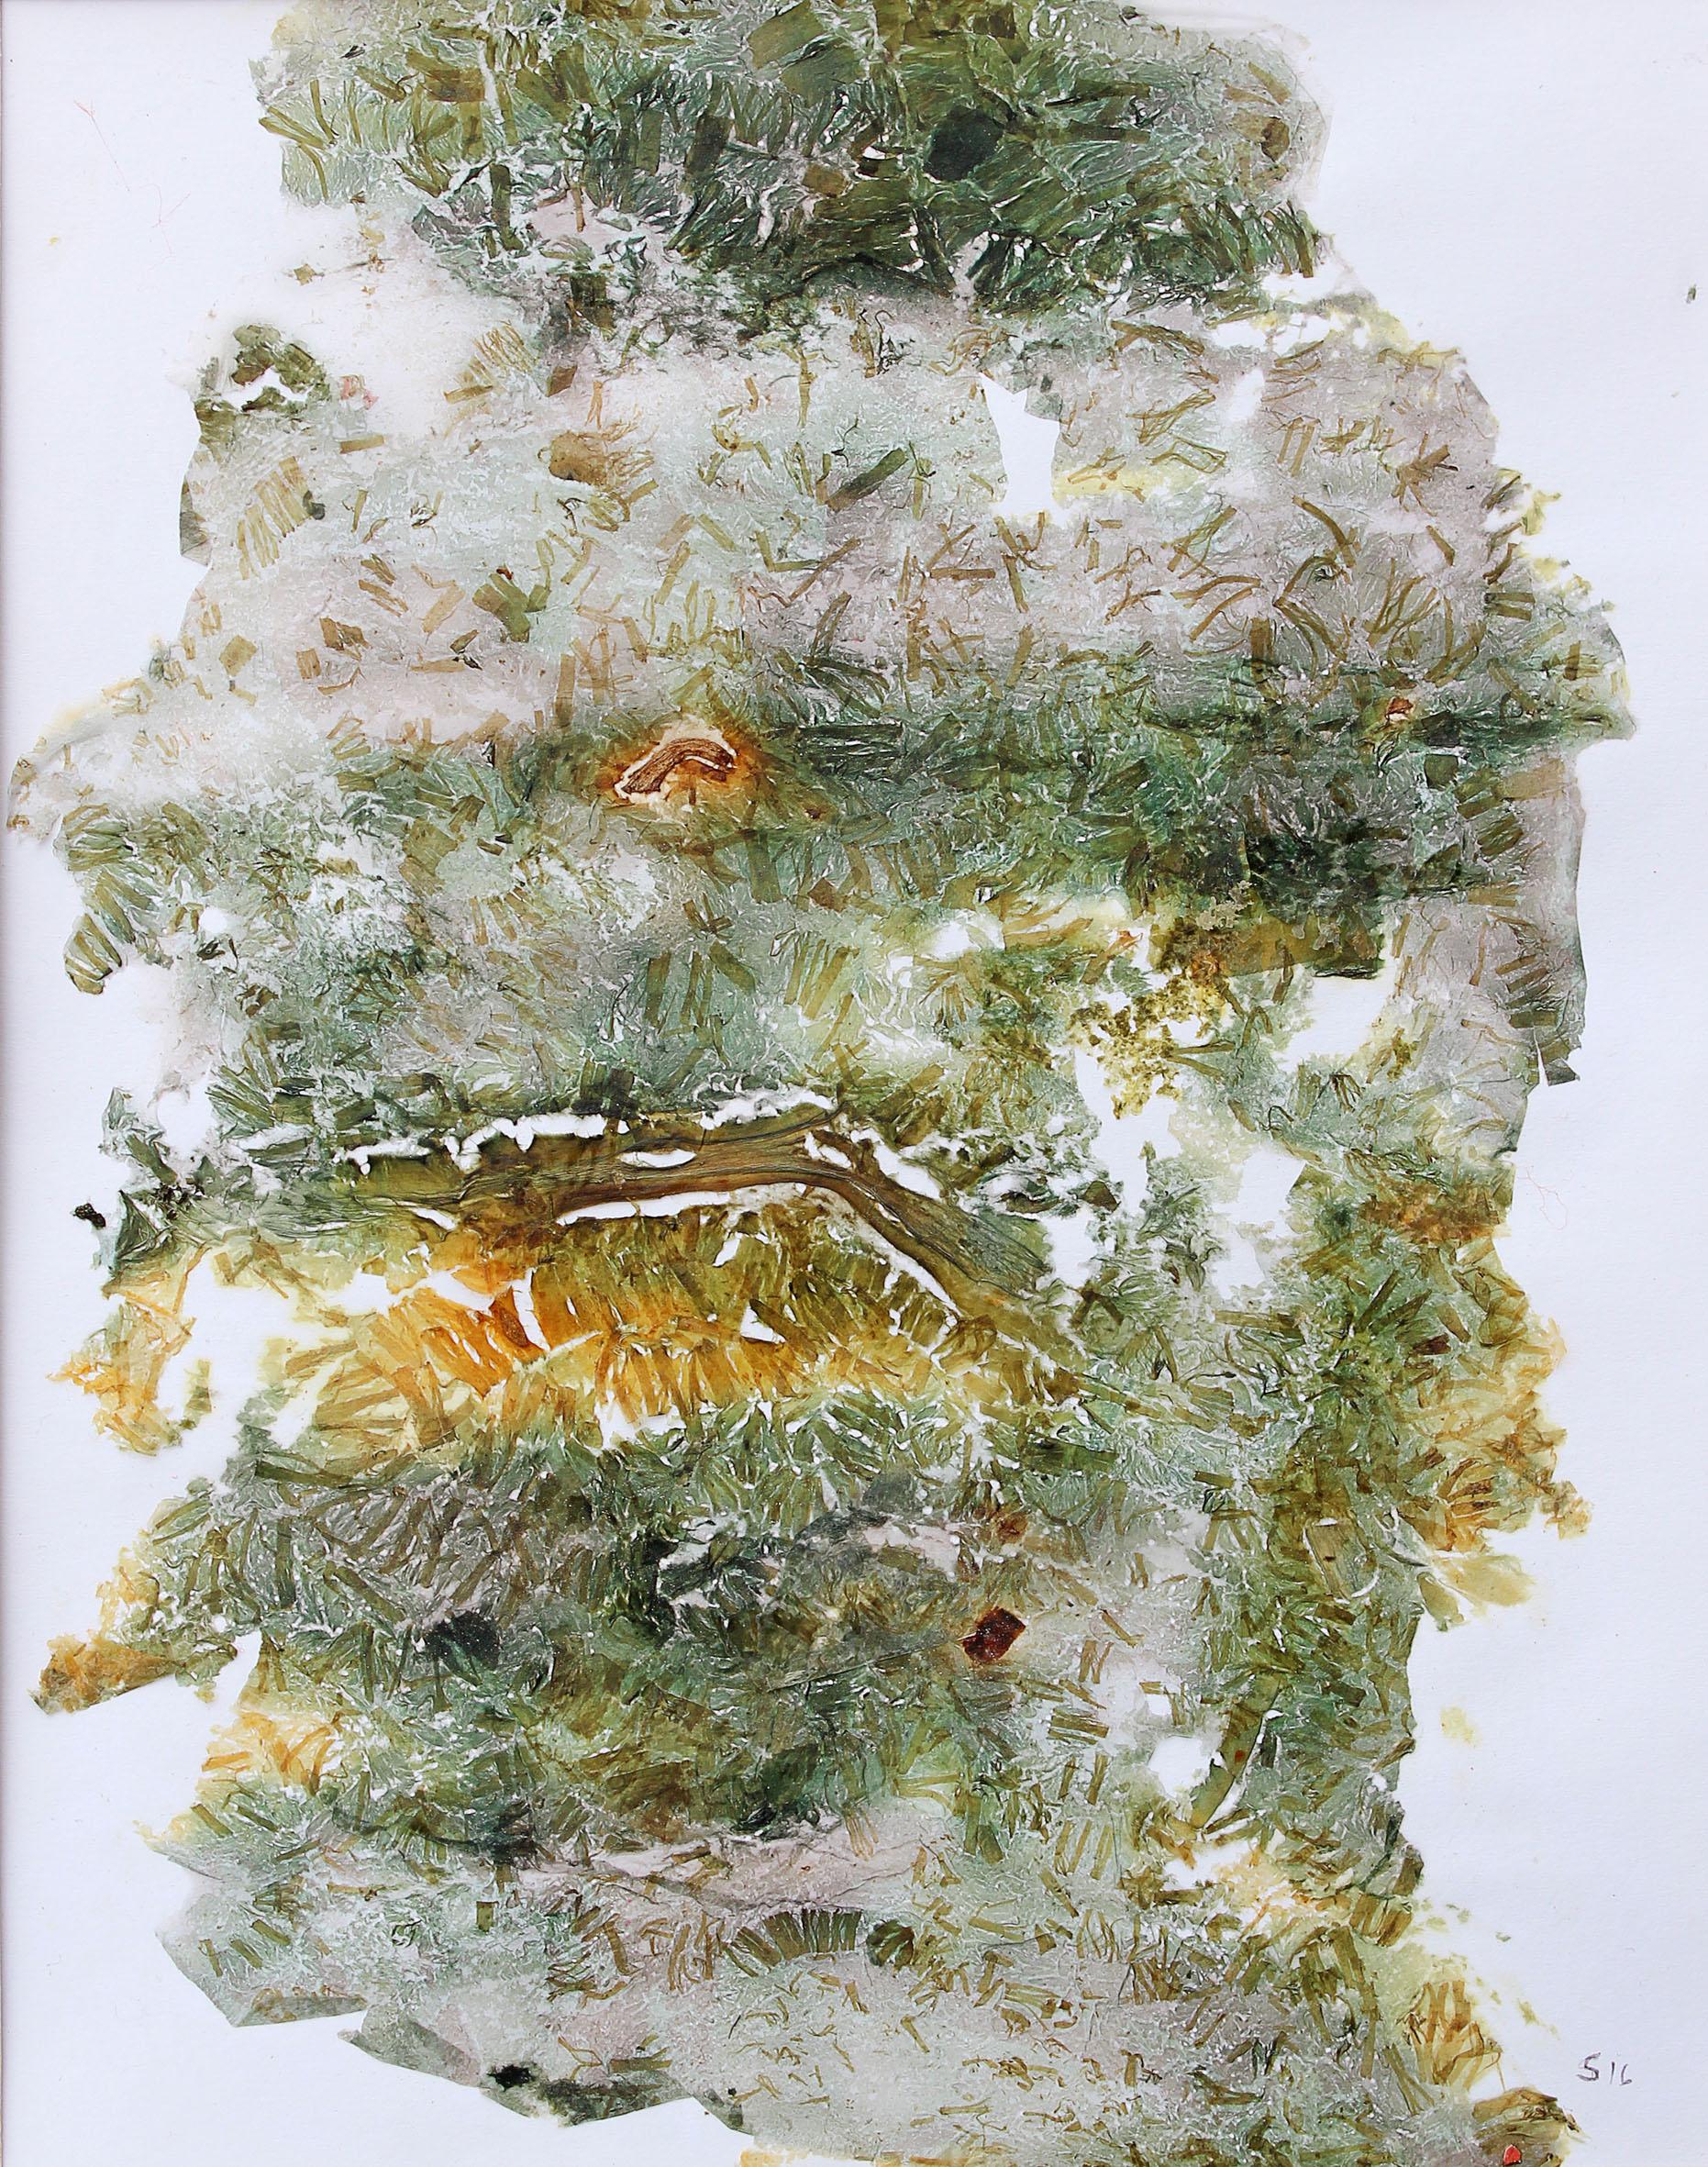 Pflanzenbrei aus unterschiedlichen Fasern